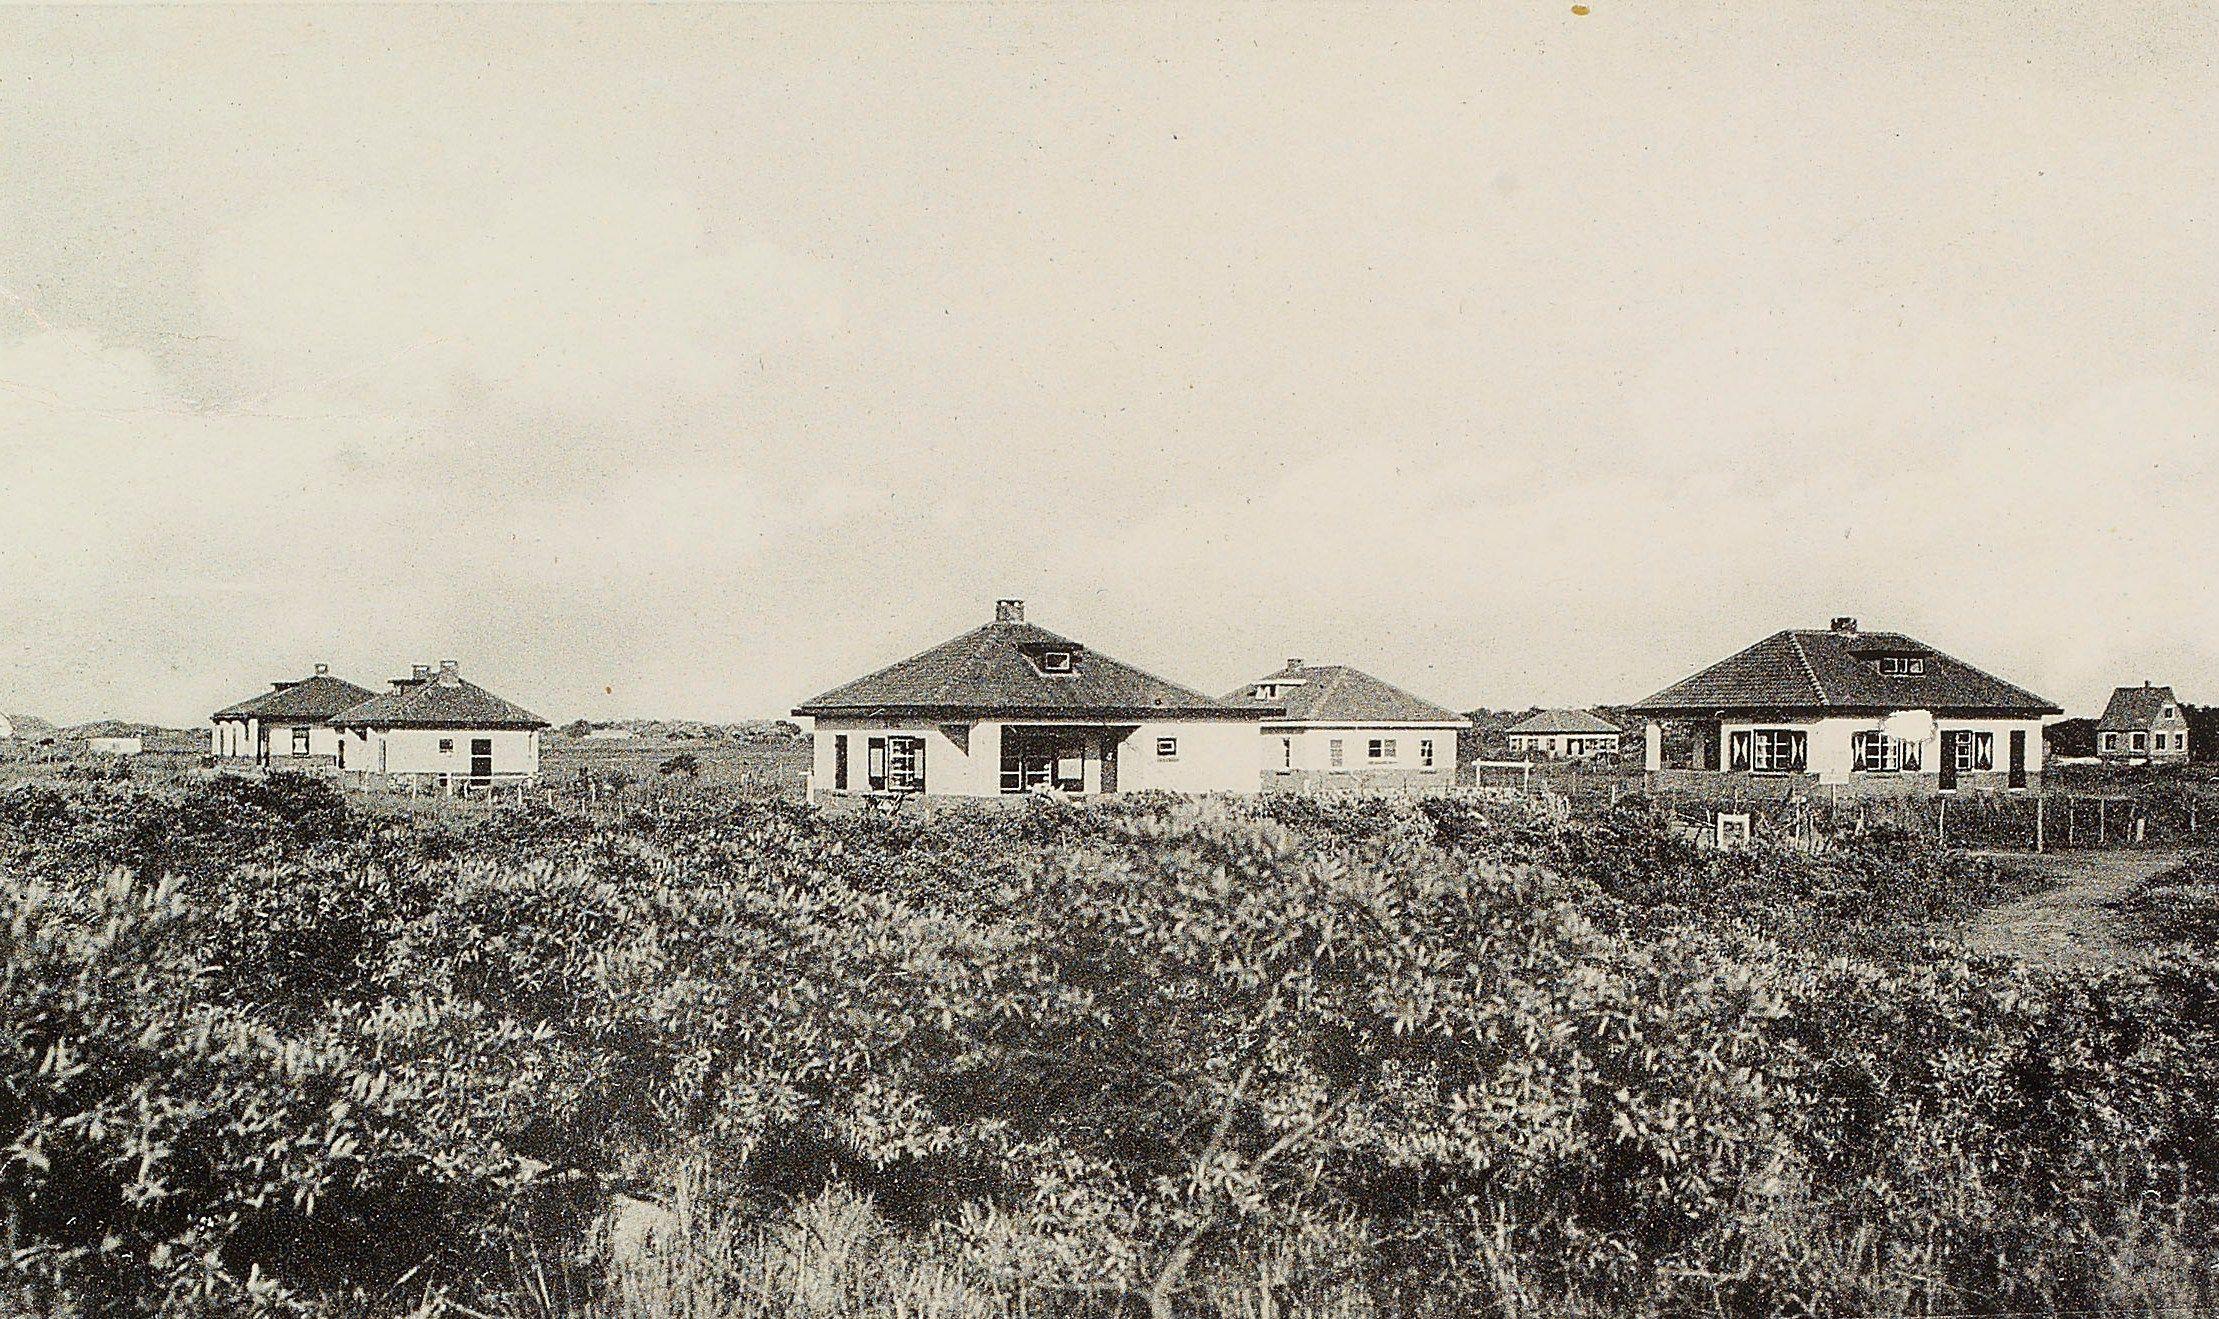 Enkele van de zomerwoningen in het duingebied van Renesse. Prentbriefkaart omstreeks 1950. (Zeeuws Archief, coll. Zeeuws Genootschap, Zelandia Illustrata)